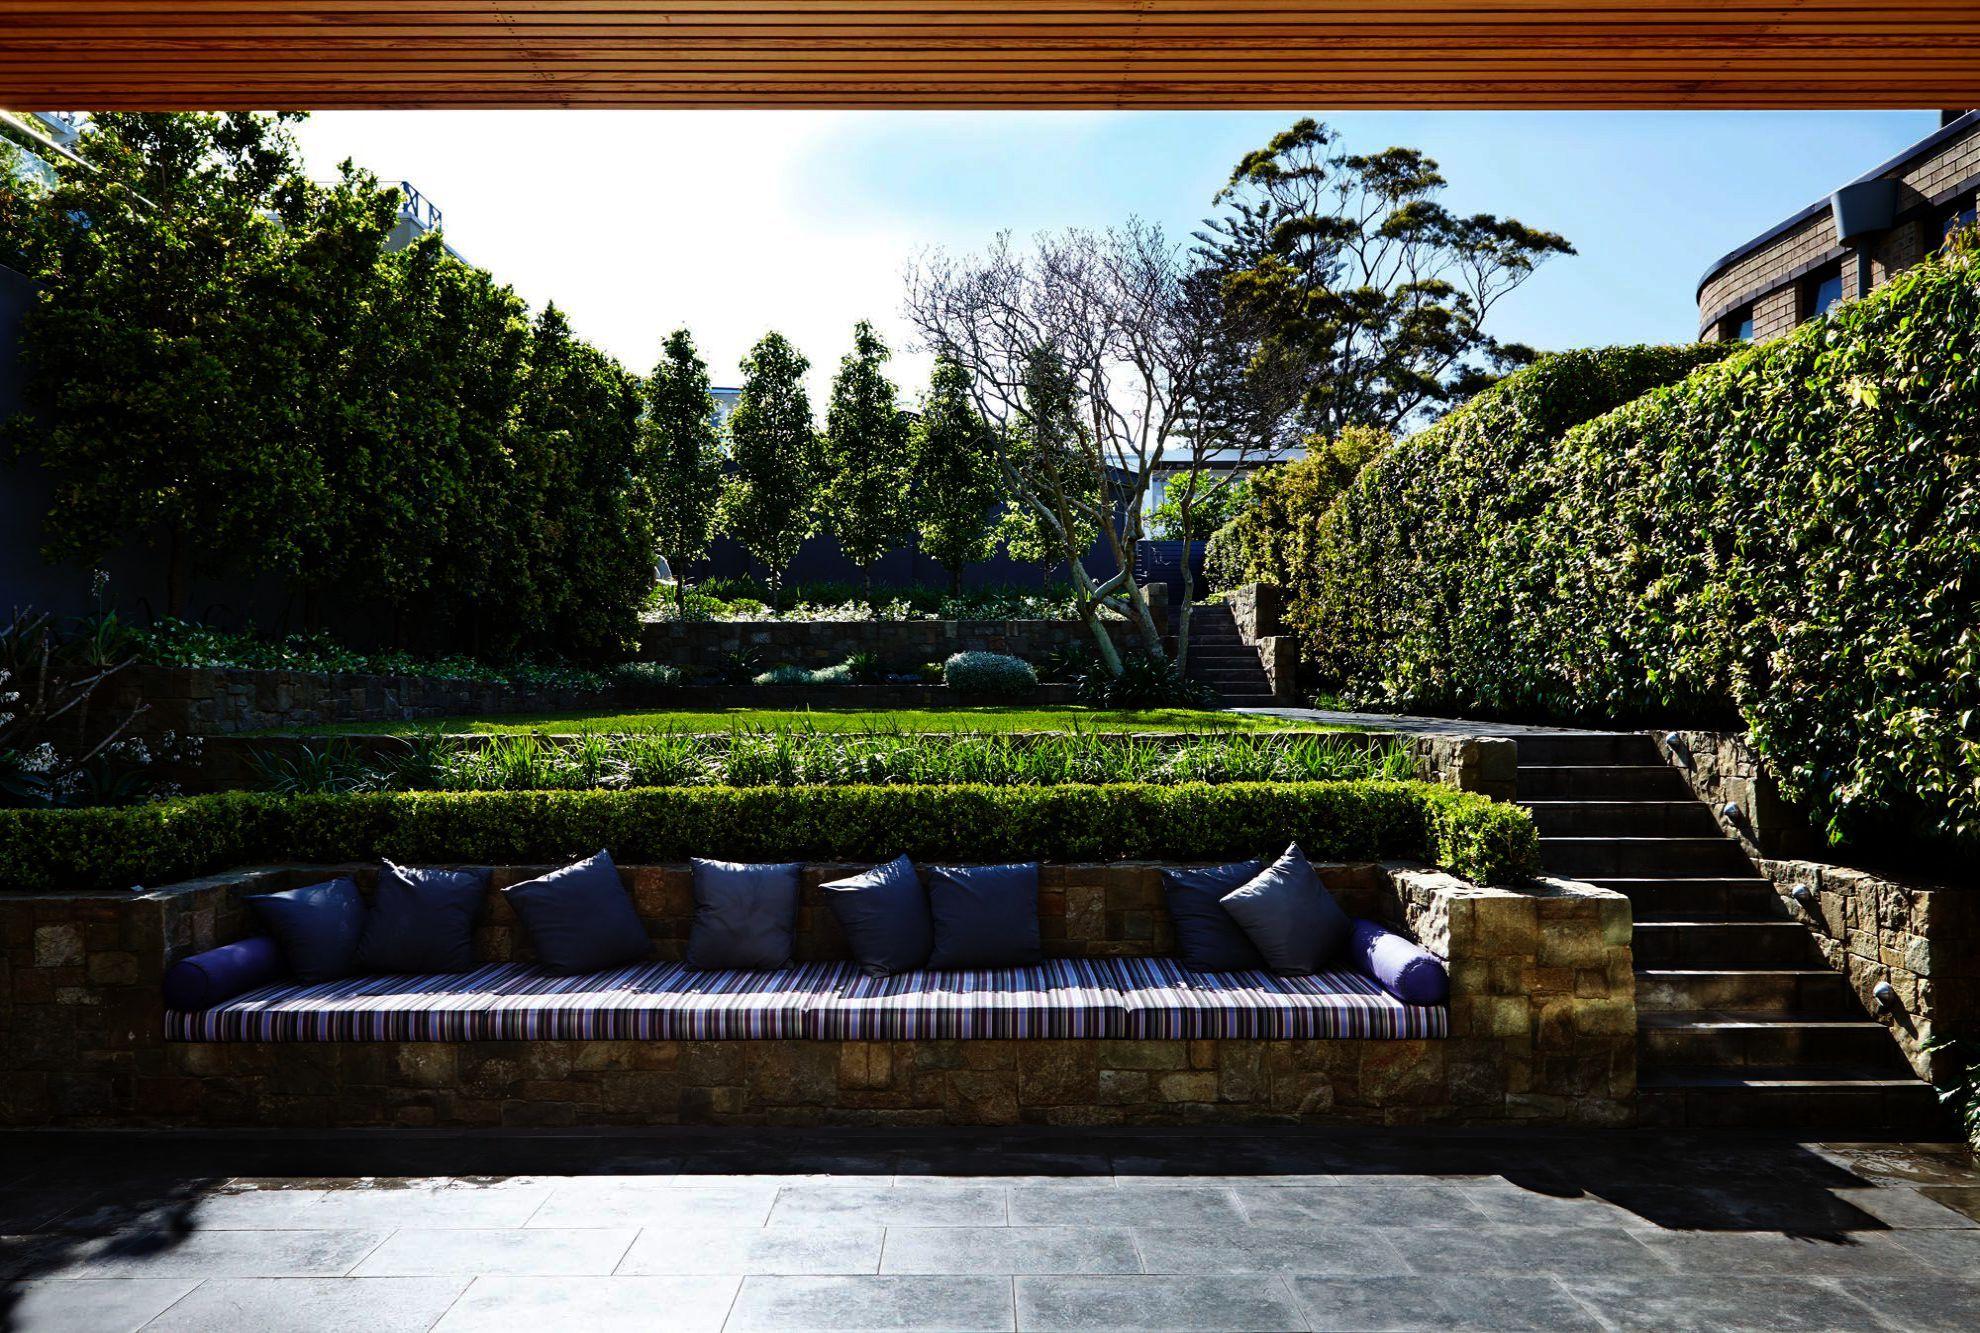 Landscape Architecture Design Concepts from Landscape ...